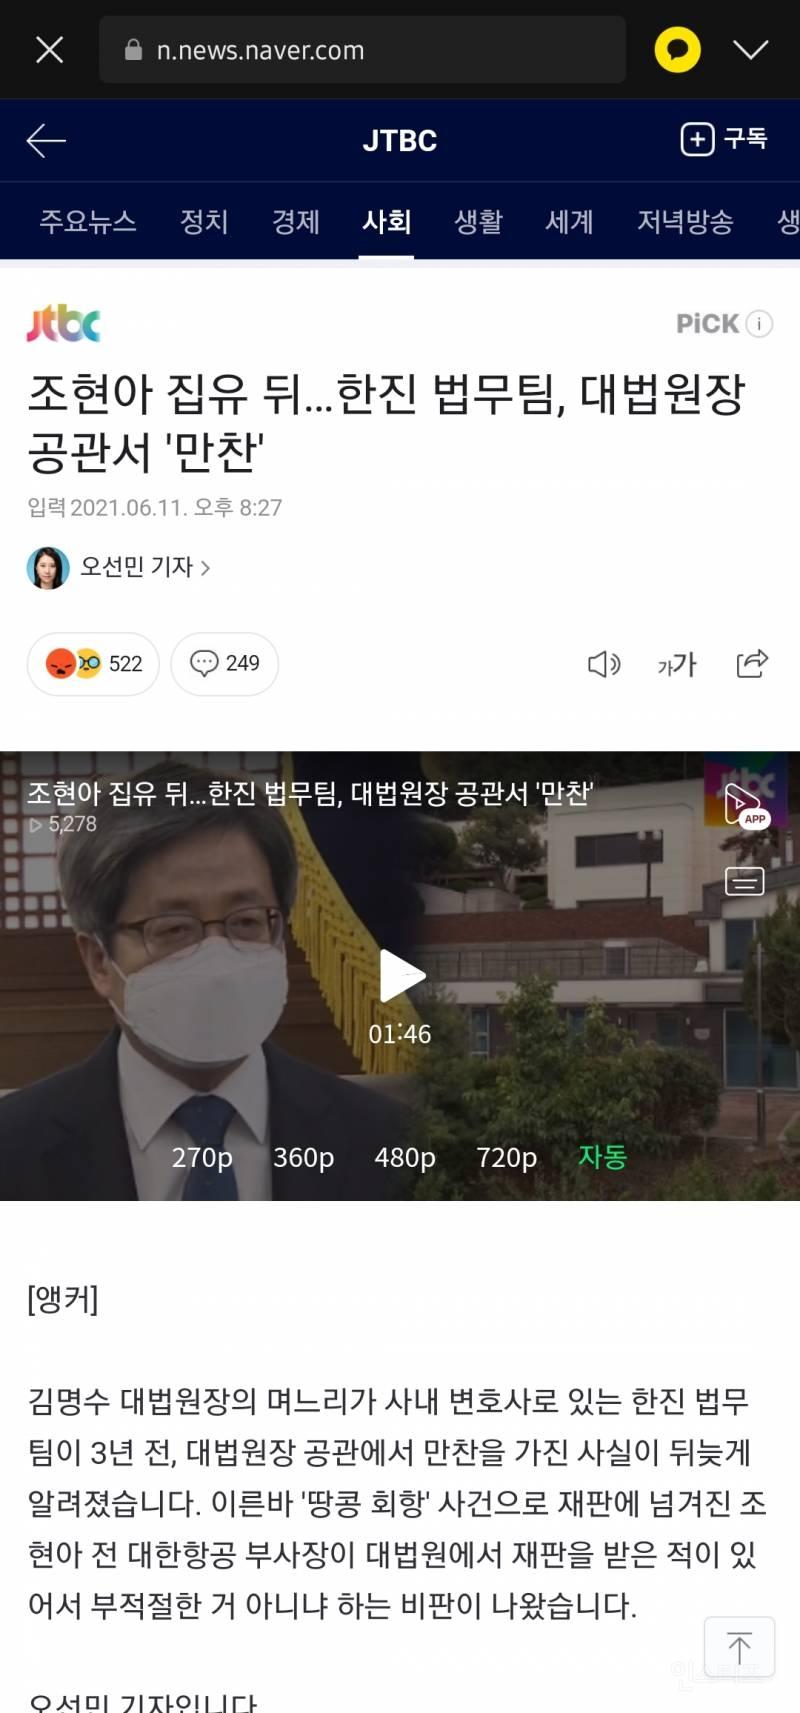 조현아 집행유예판결후 한진그룹 대법원 공관에서 식사가져 | 인스티즈